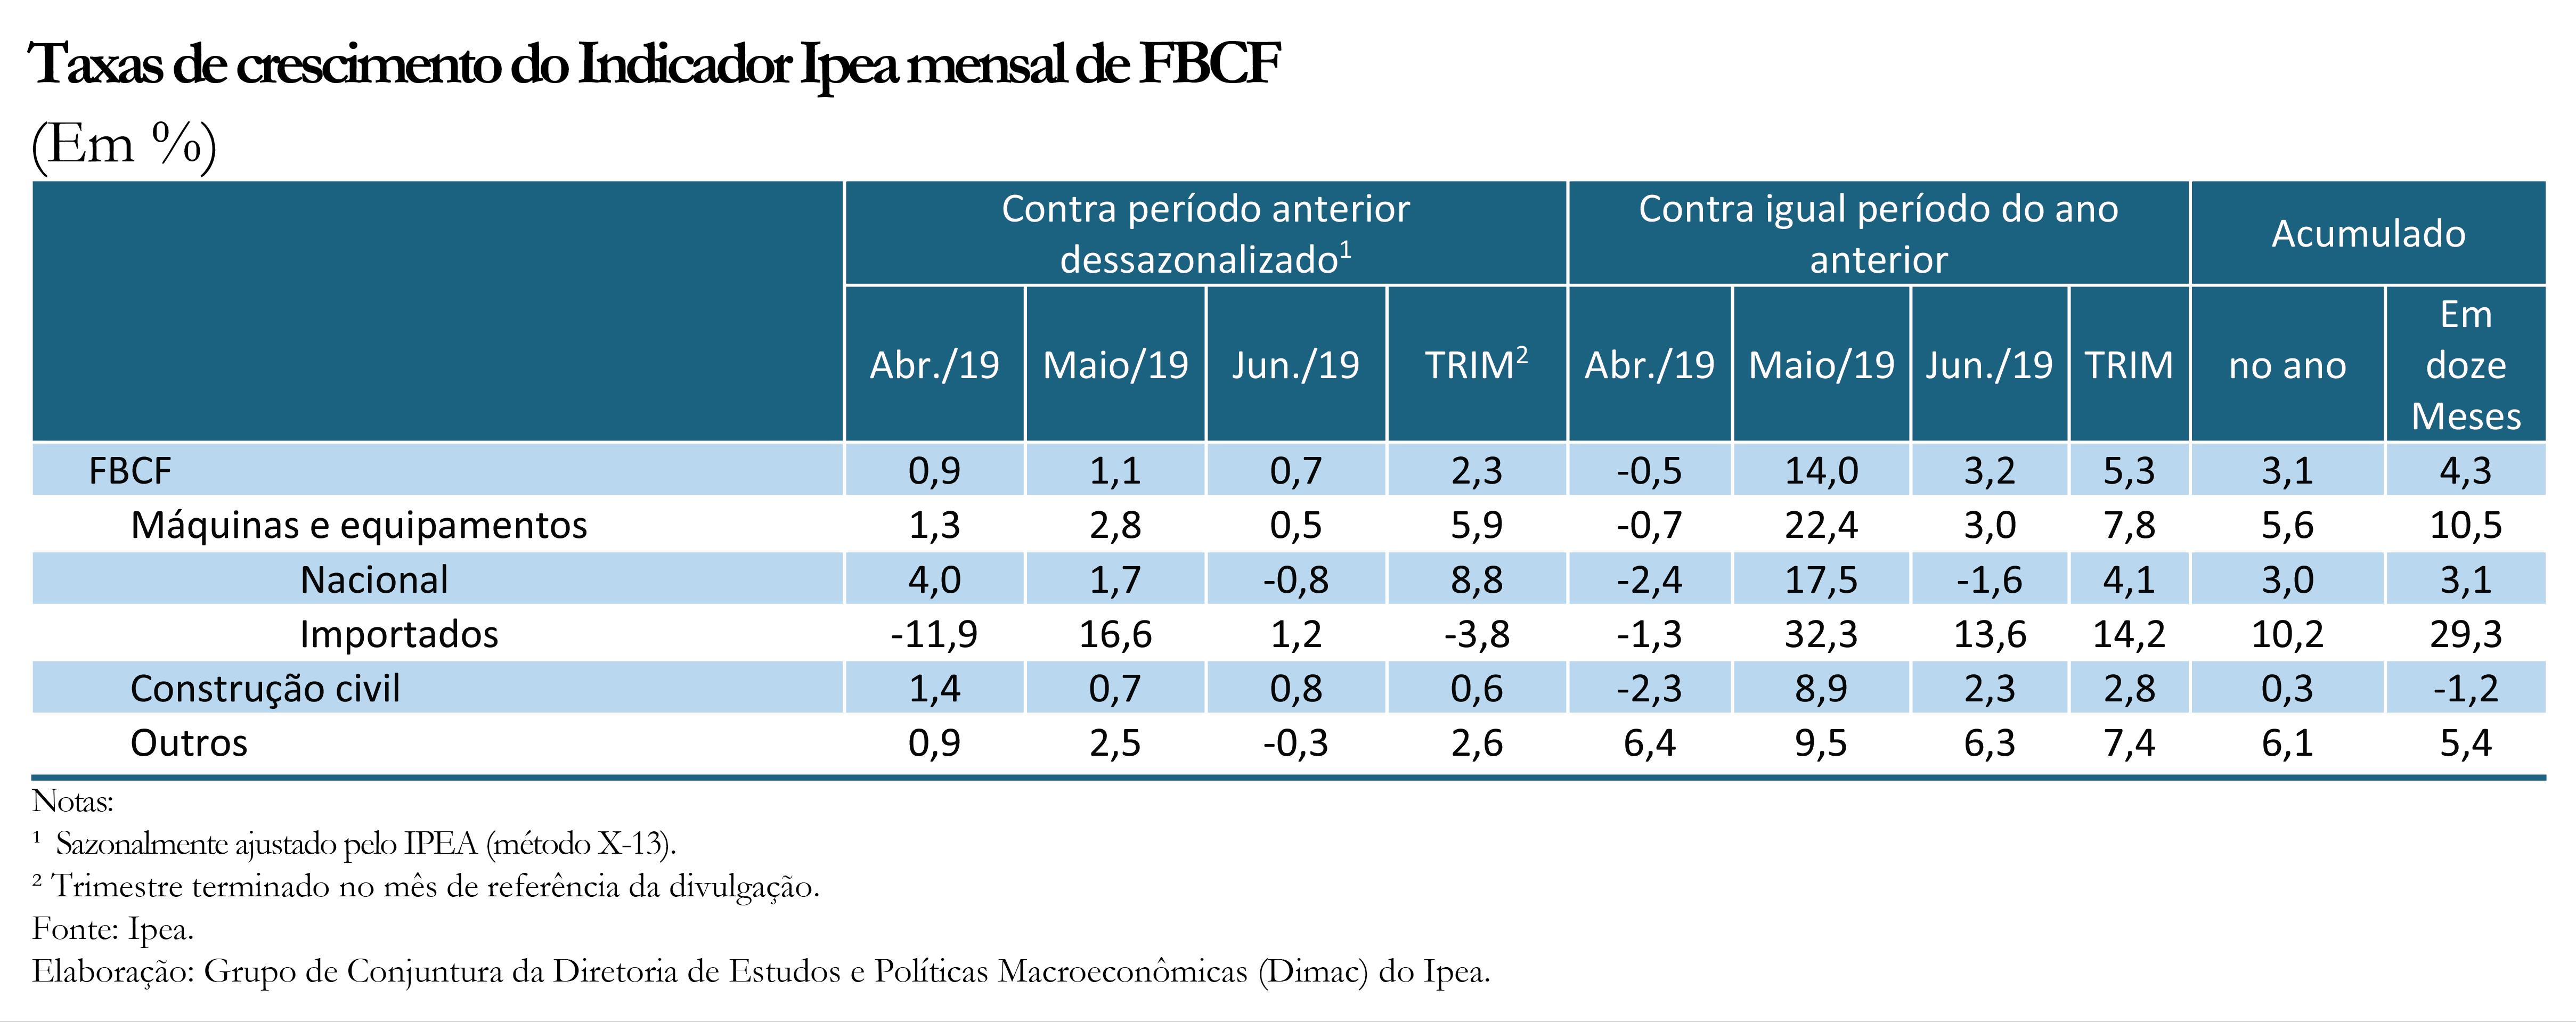 Tabela - Indicador Ipea FBCF jun19